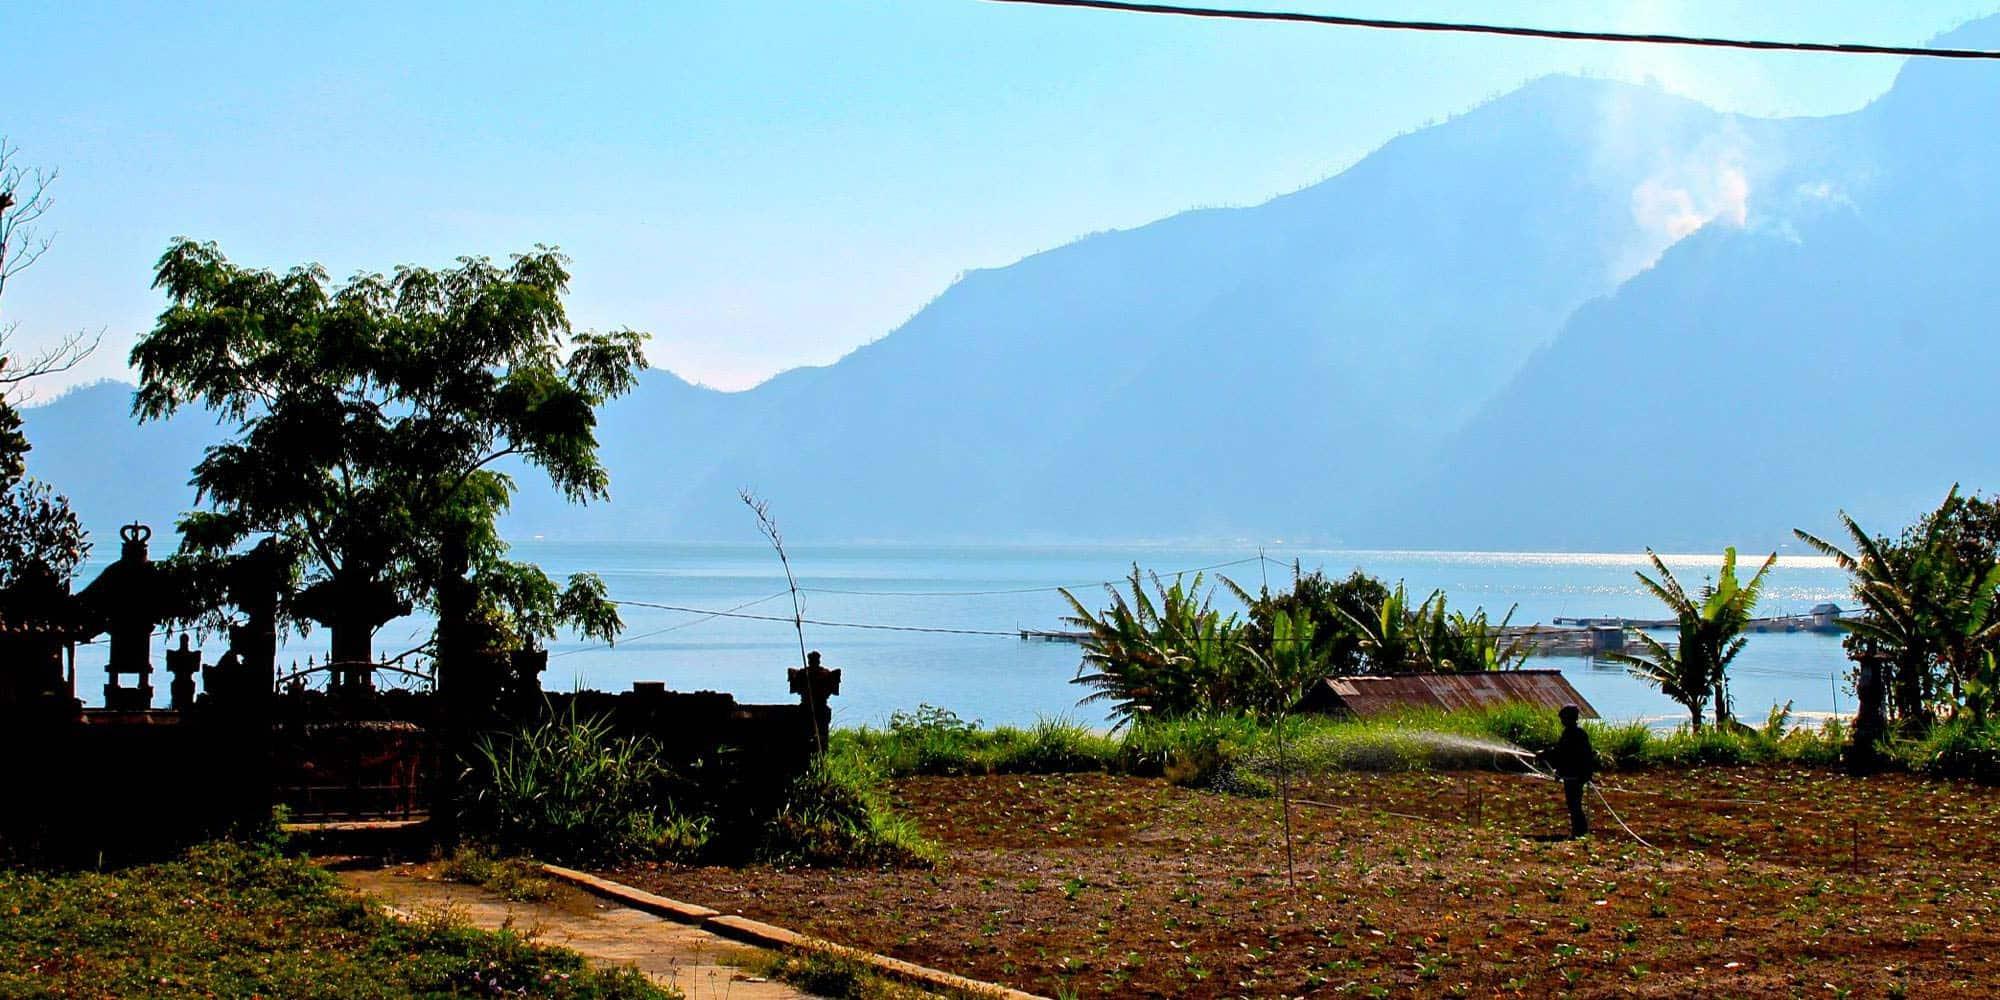 Bali Lake